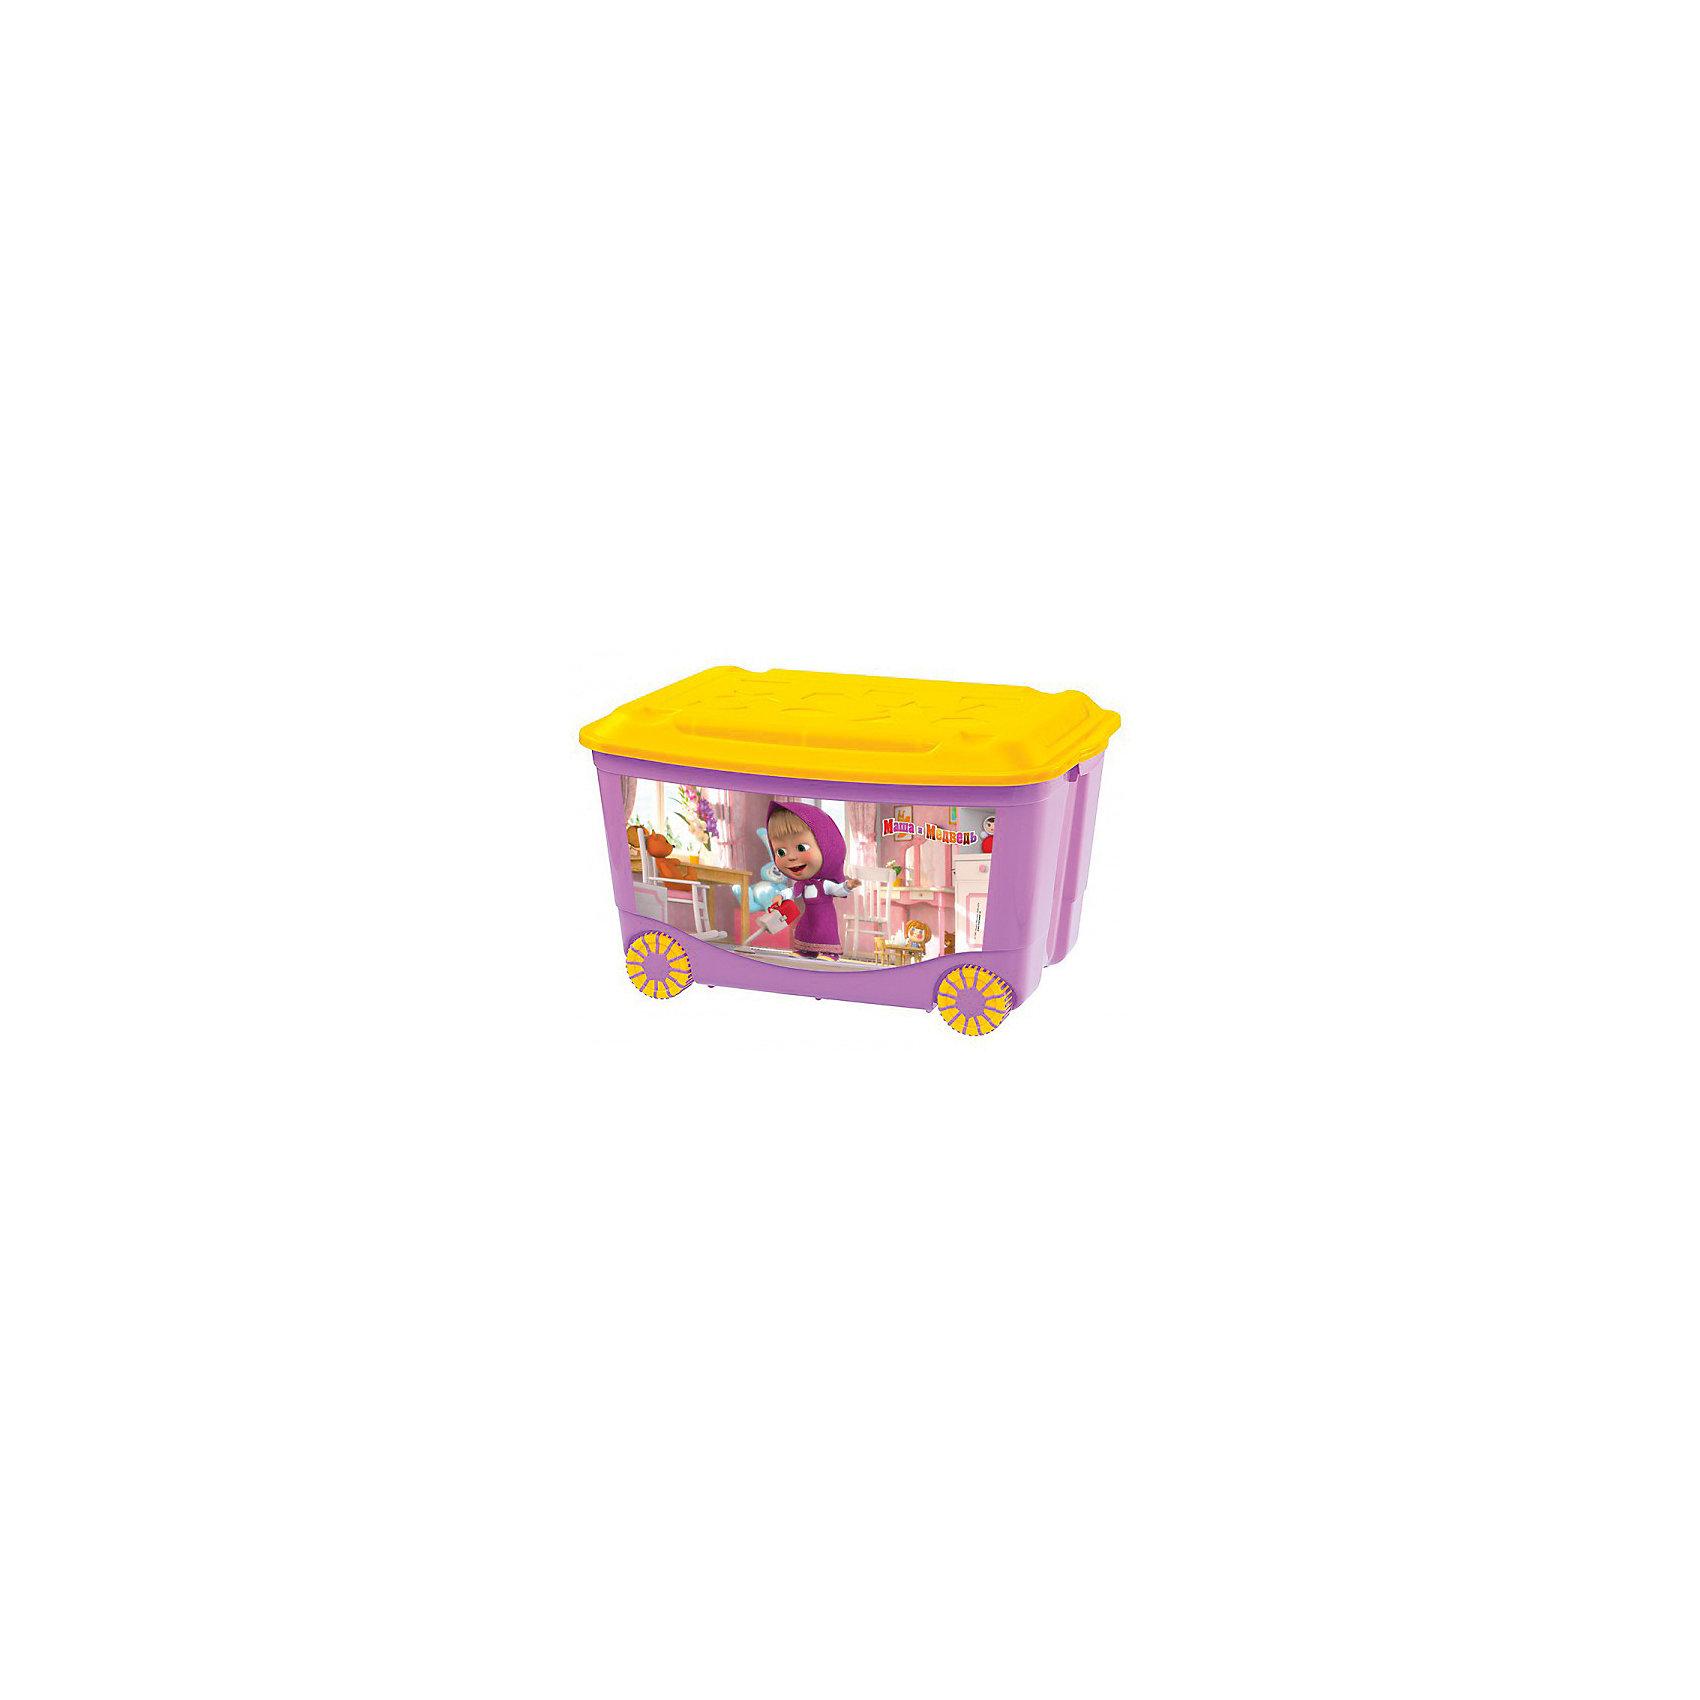 Пластишка Ящик для игрушек на колесах 580*390*335 Маша и Медведь, Пластишка, сиреневый автодома на колесах бу купить в испании